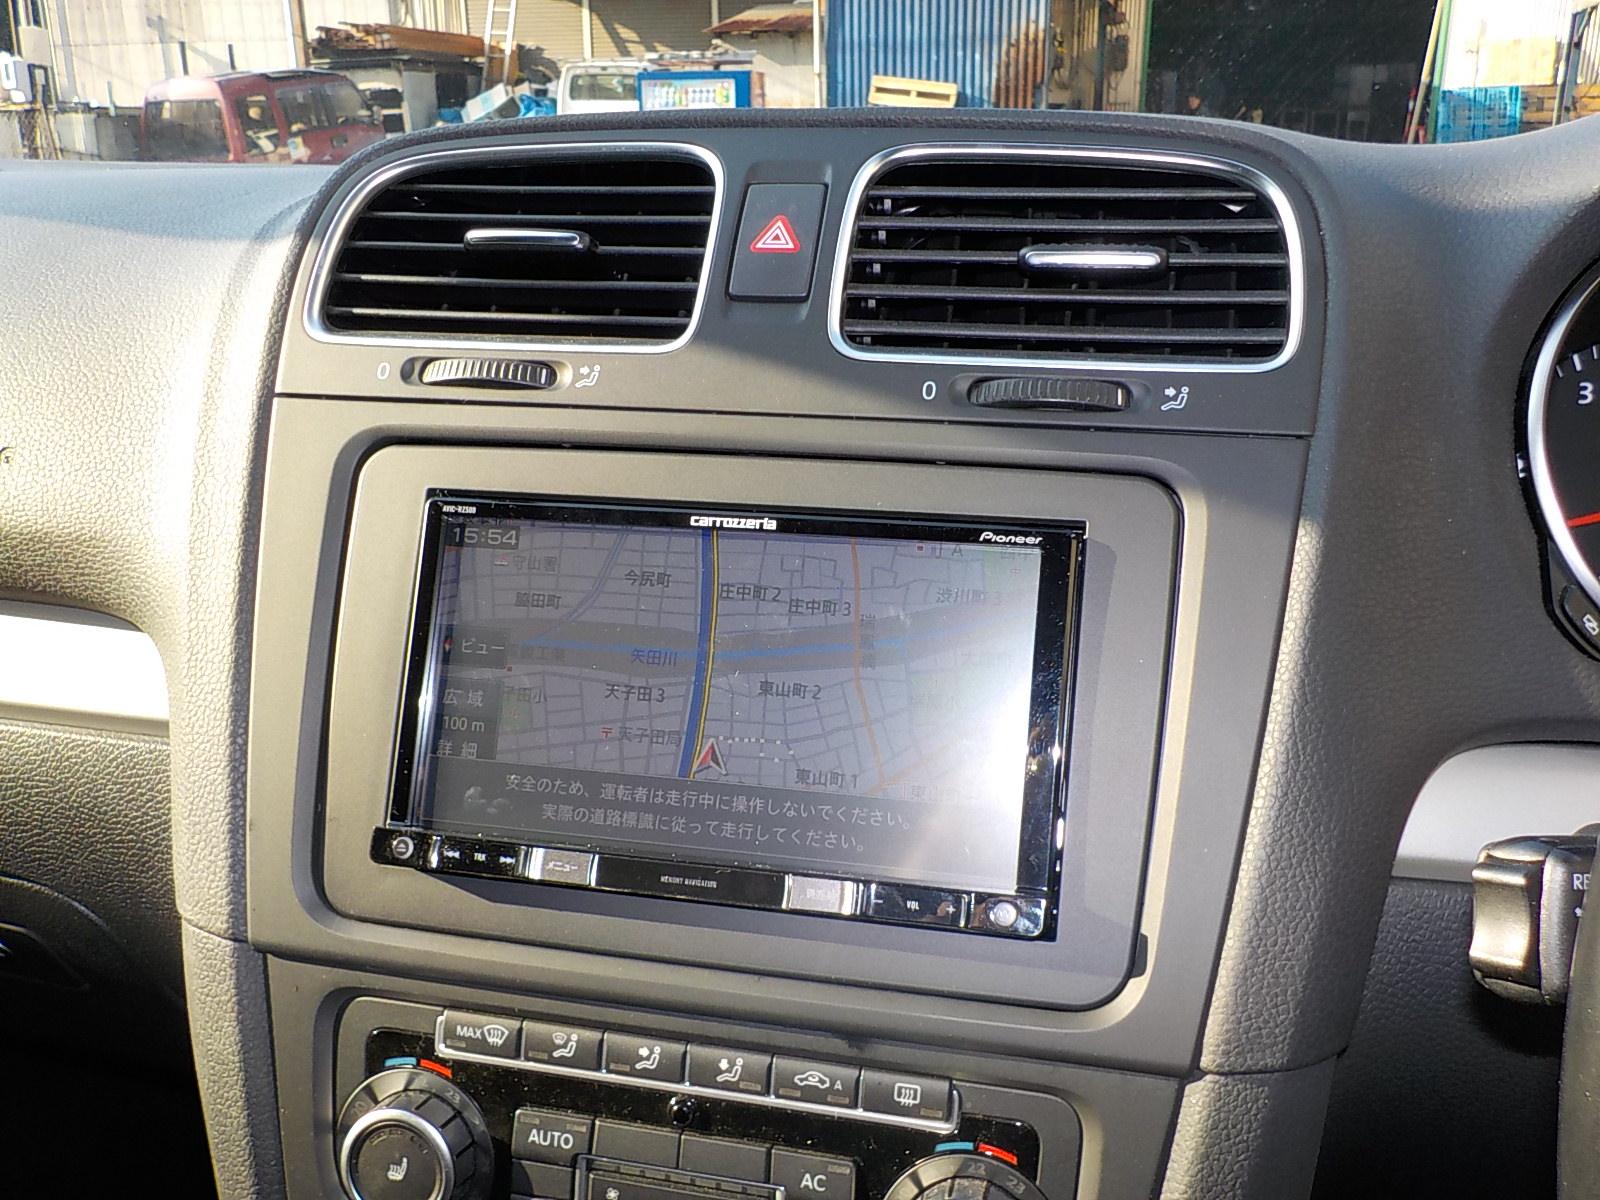 CX-5 ドライブレコーダー パーツ取り付け